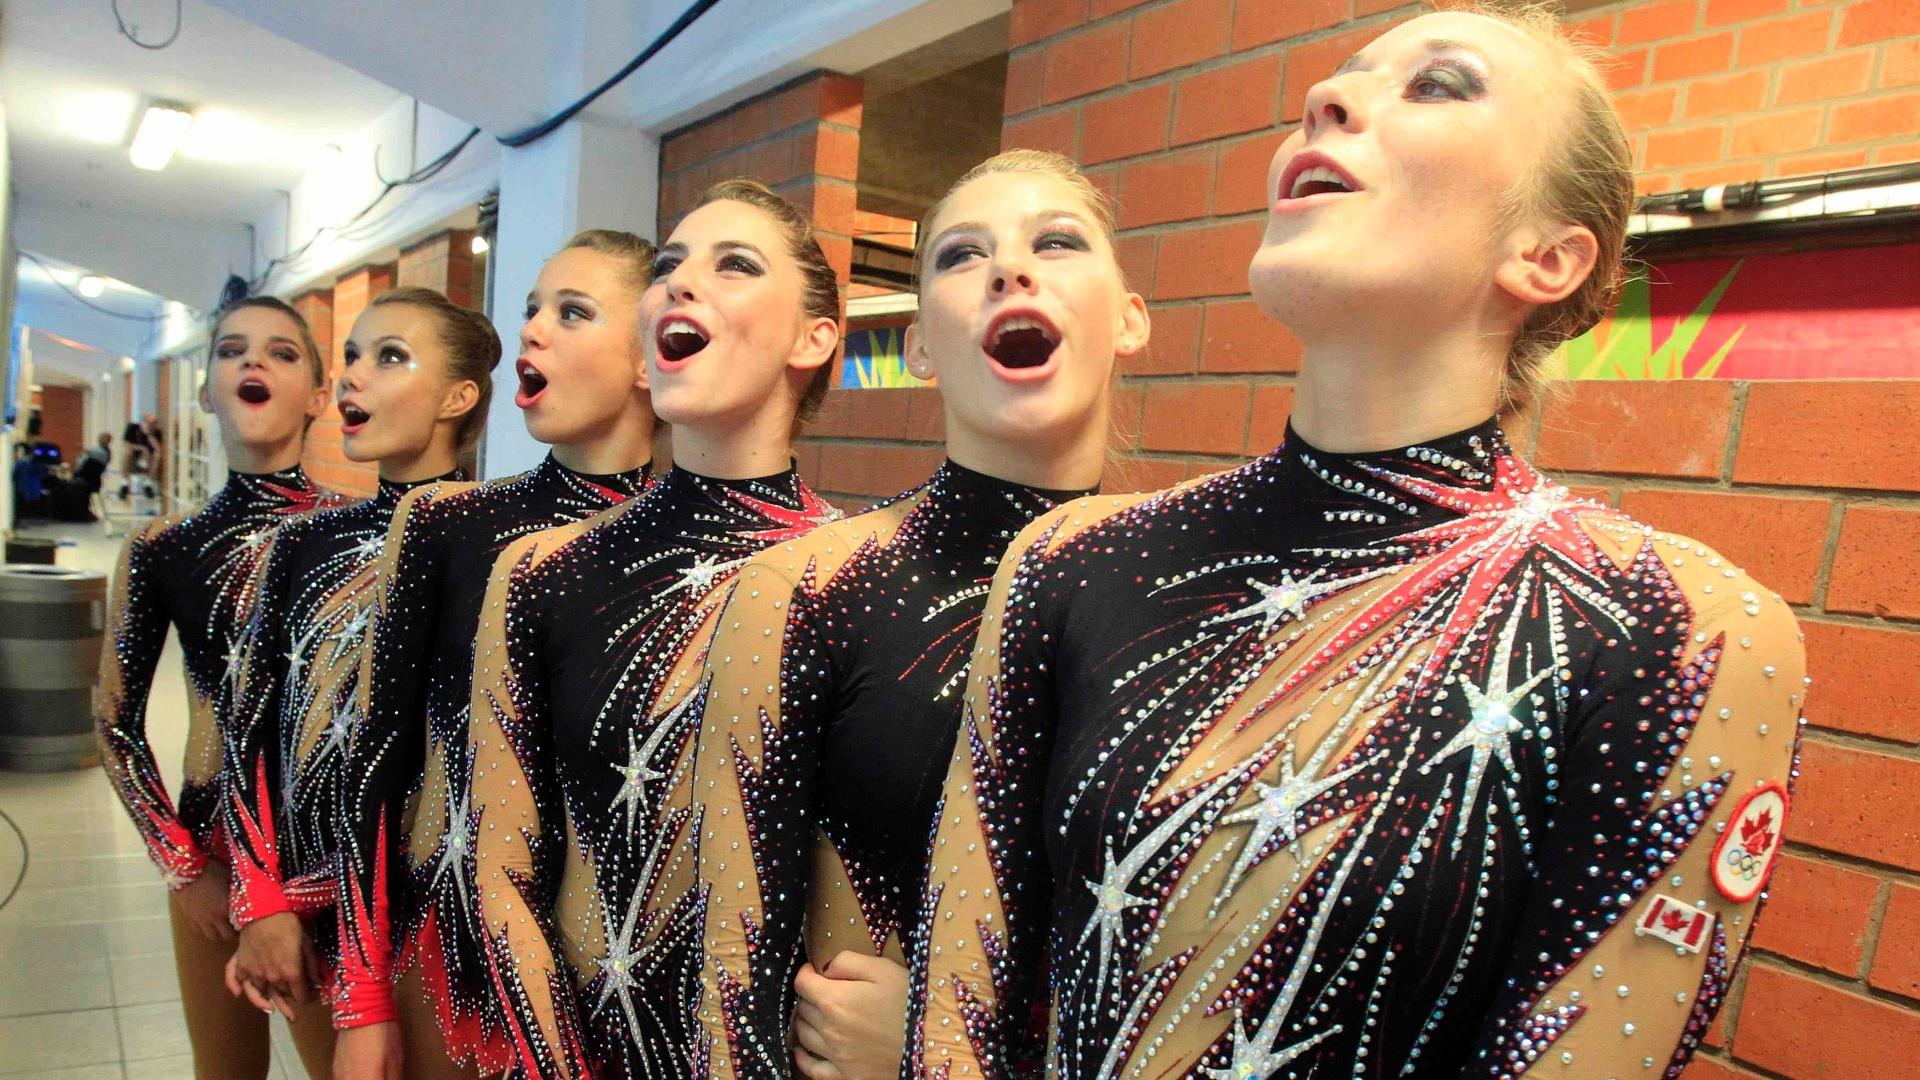 A equipe canadense de ginástica rítmica canta o hino do país enquanto o compatriota recebe o ouro no trampolim